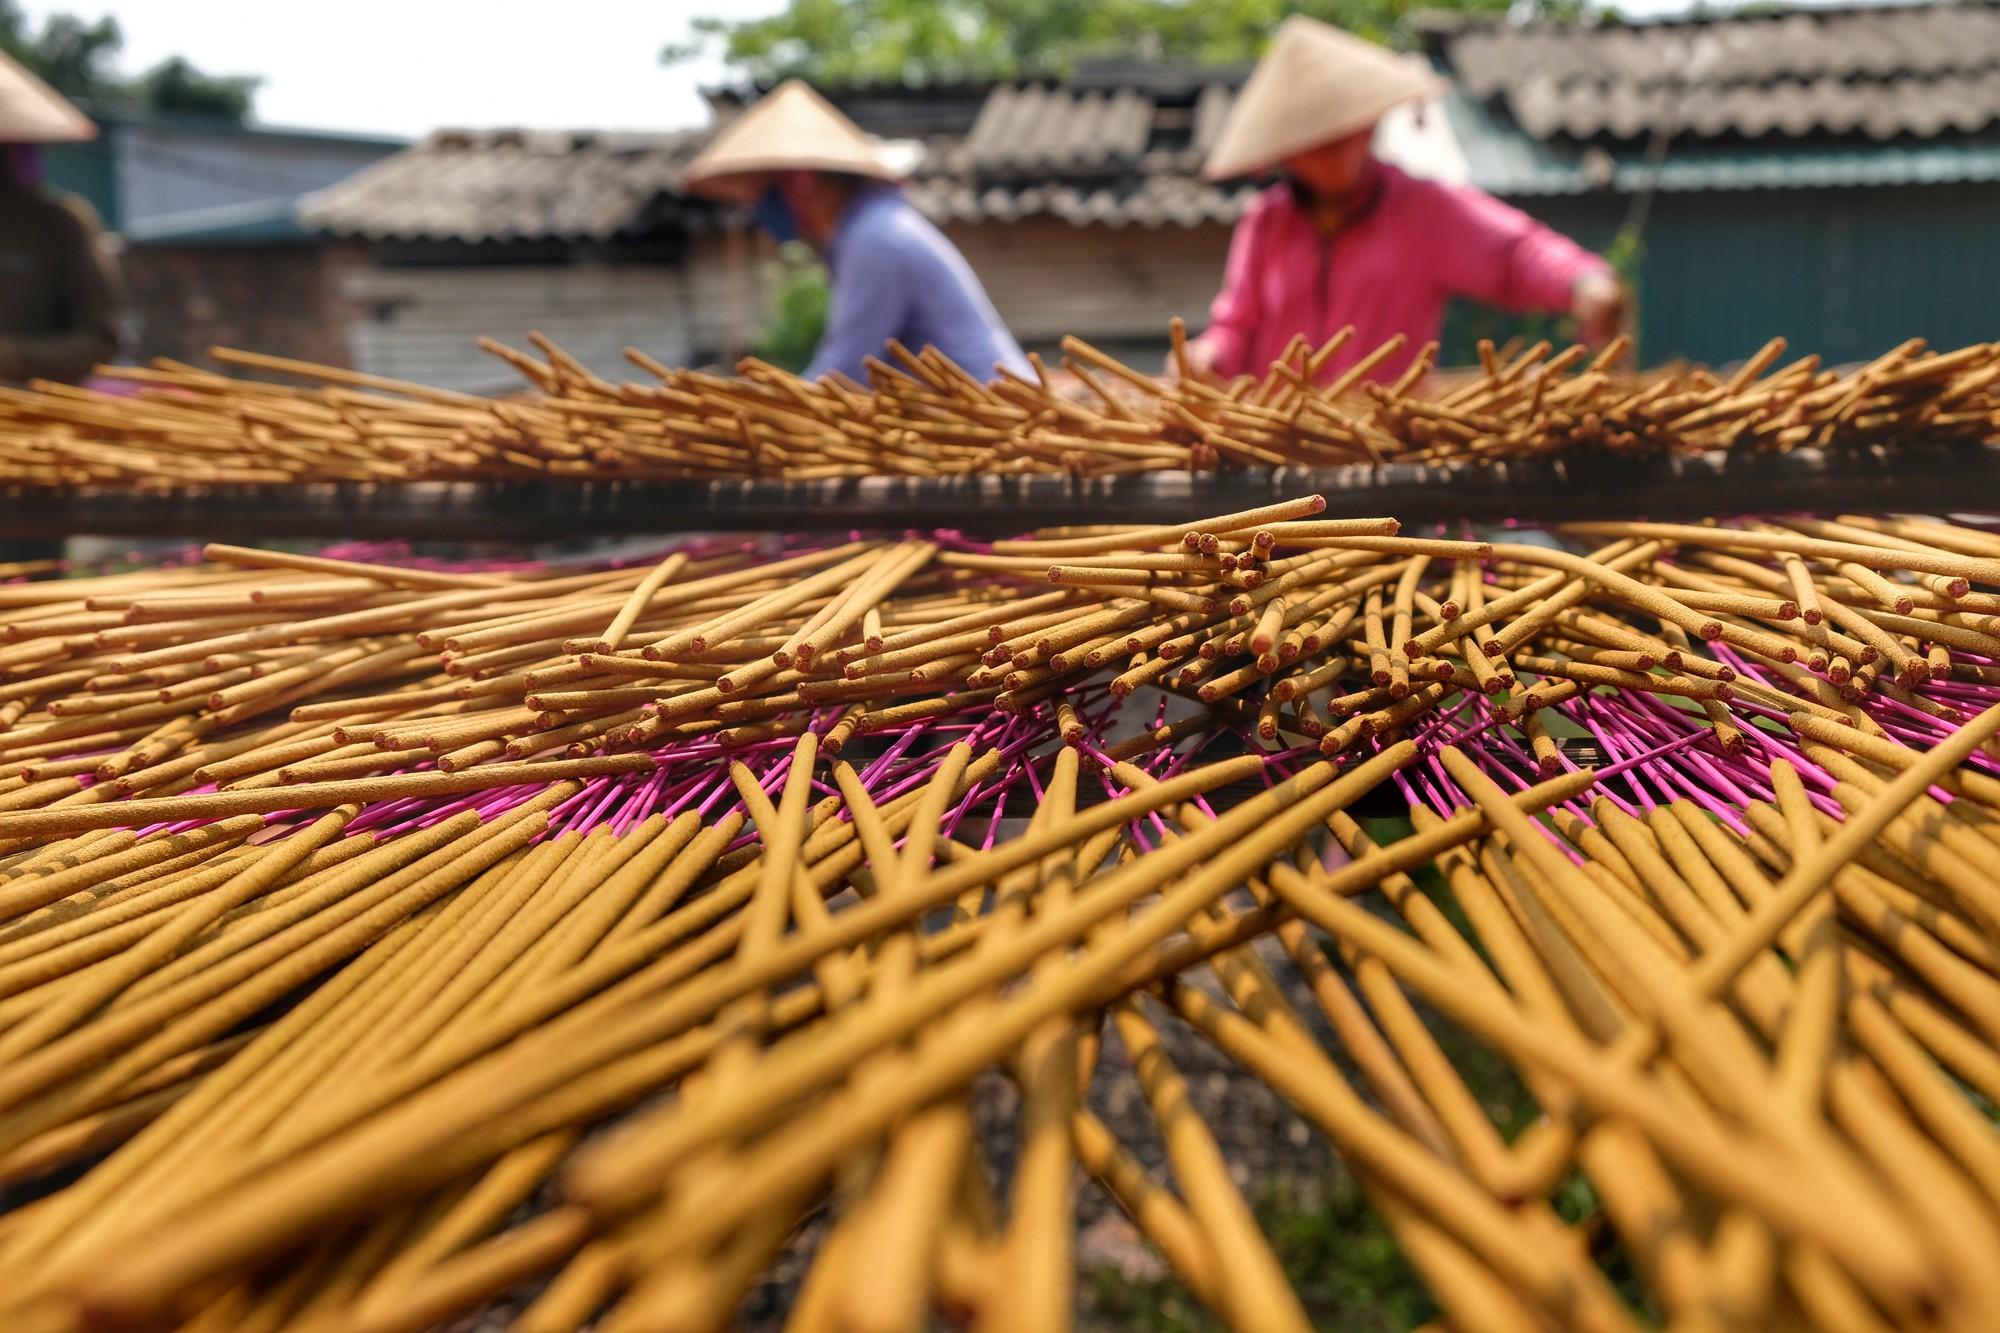 Về làng tăm hương Quảng Phú Cầu ngắm những đóa hoa đỏ rực dưới nắng thu - Ảnh 3.